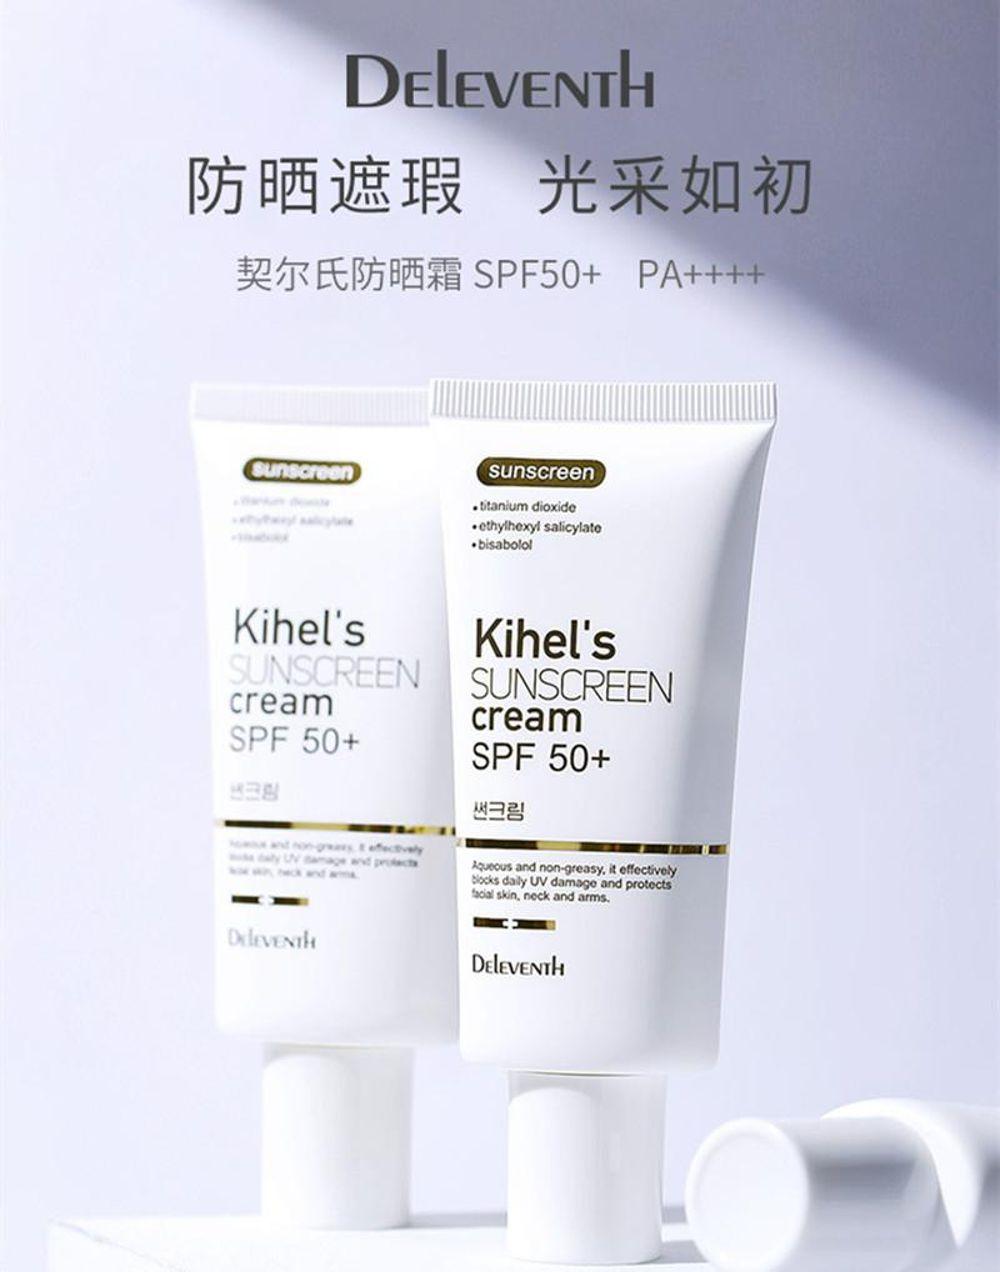 韩国DEleventh防晒霜SPF50防紫外线隔离50g清爽保湿遮瑕防晒乳